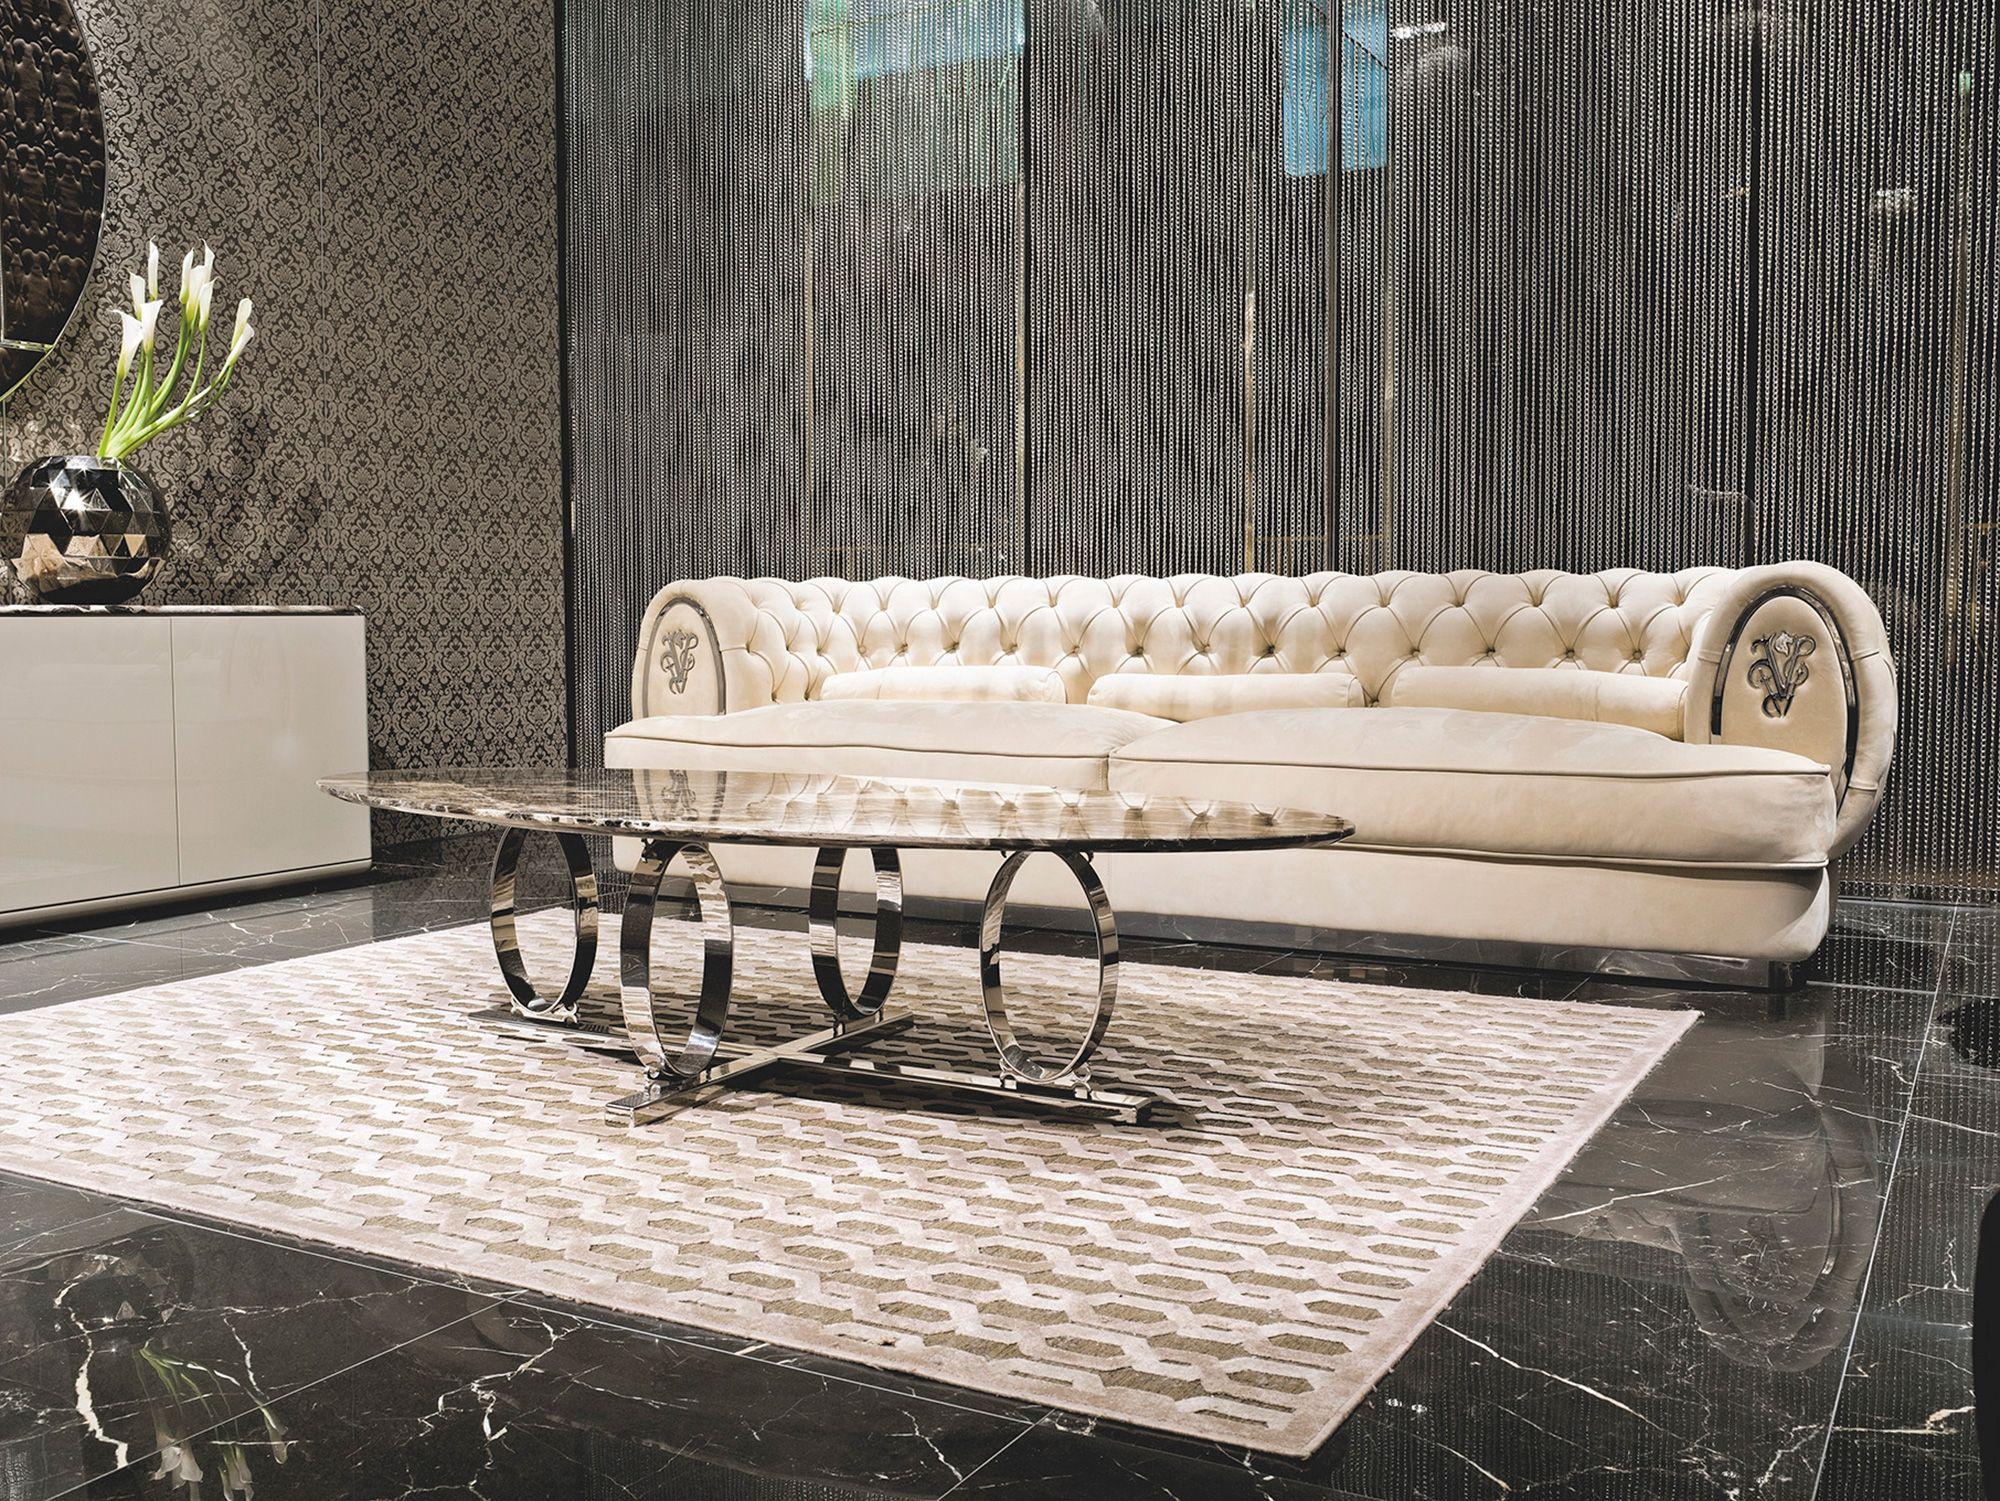 Oberon Livingroom Luxury Living Room Luxury Sofa Living Room Living Room